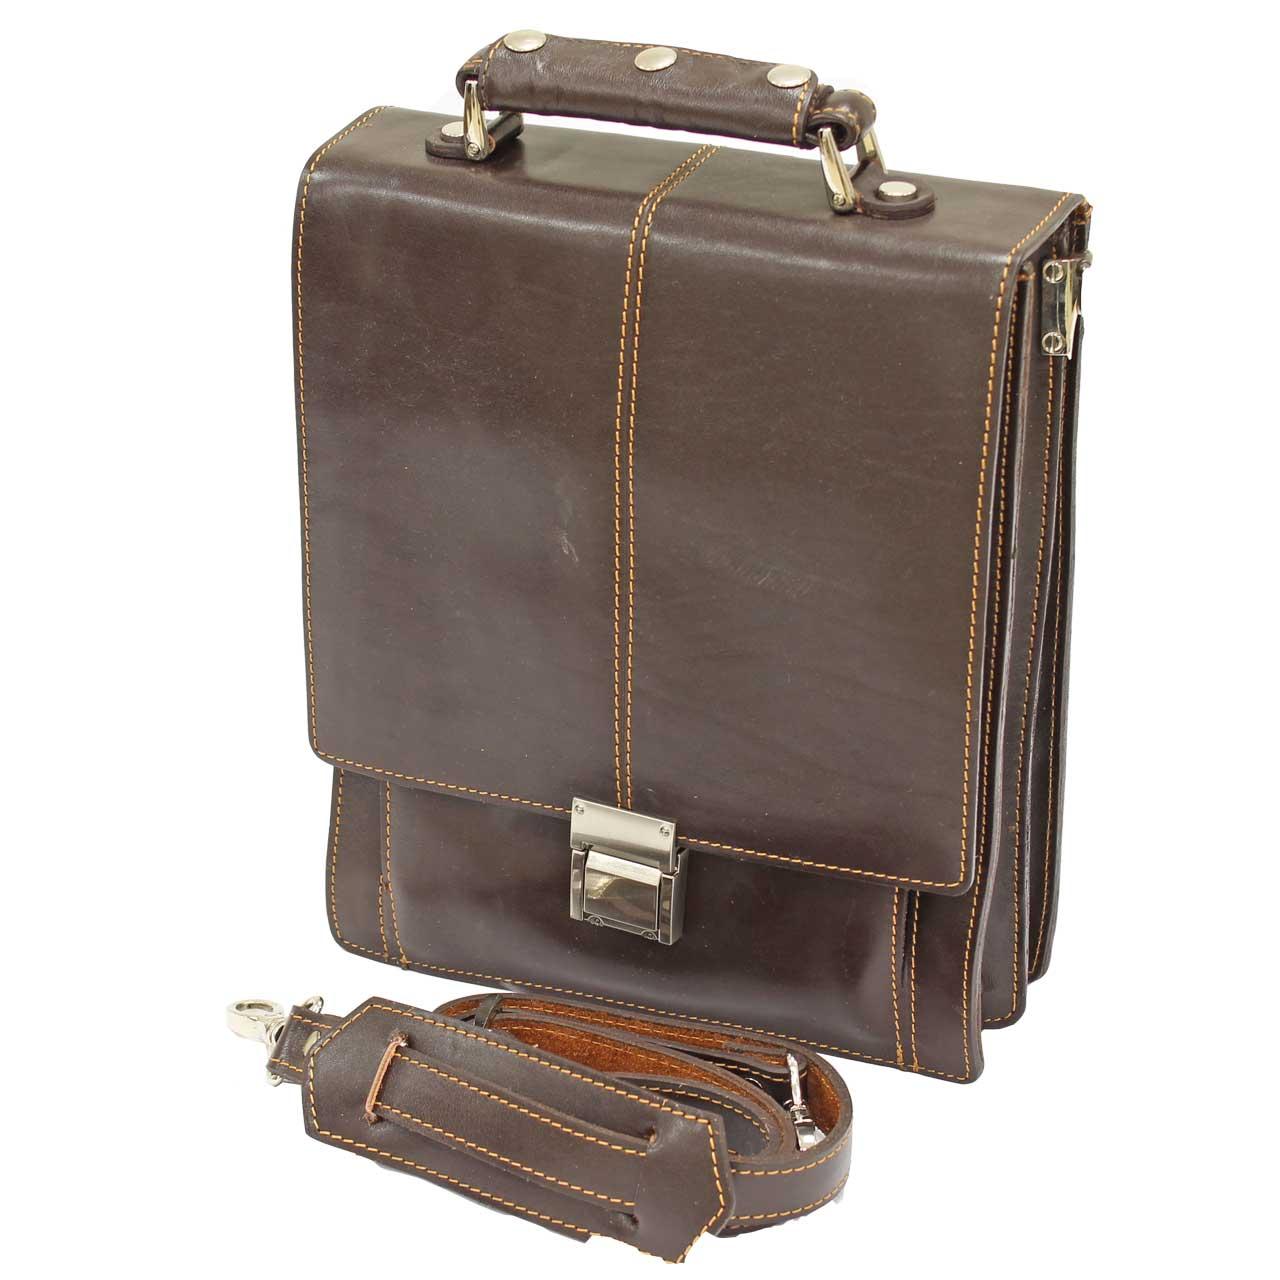 کیف اداری چرم طبیعی آروین چرم مدل AR-802 سایز 2